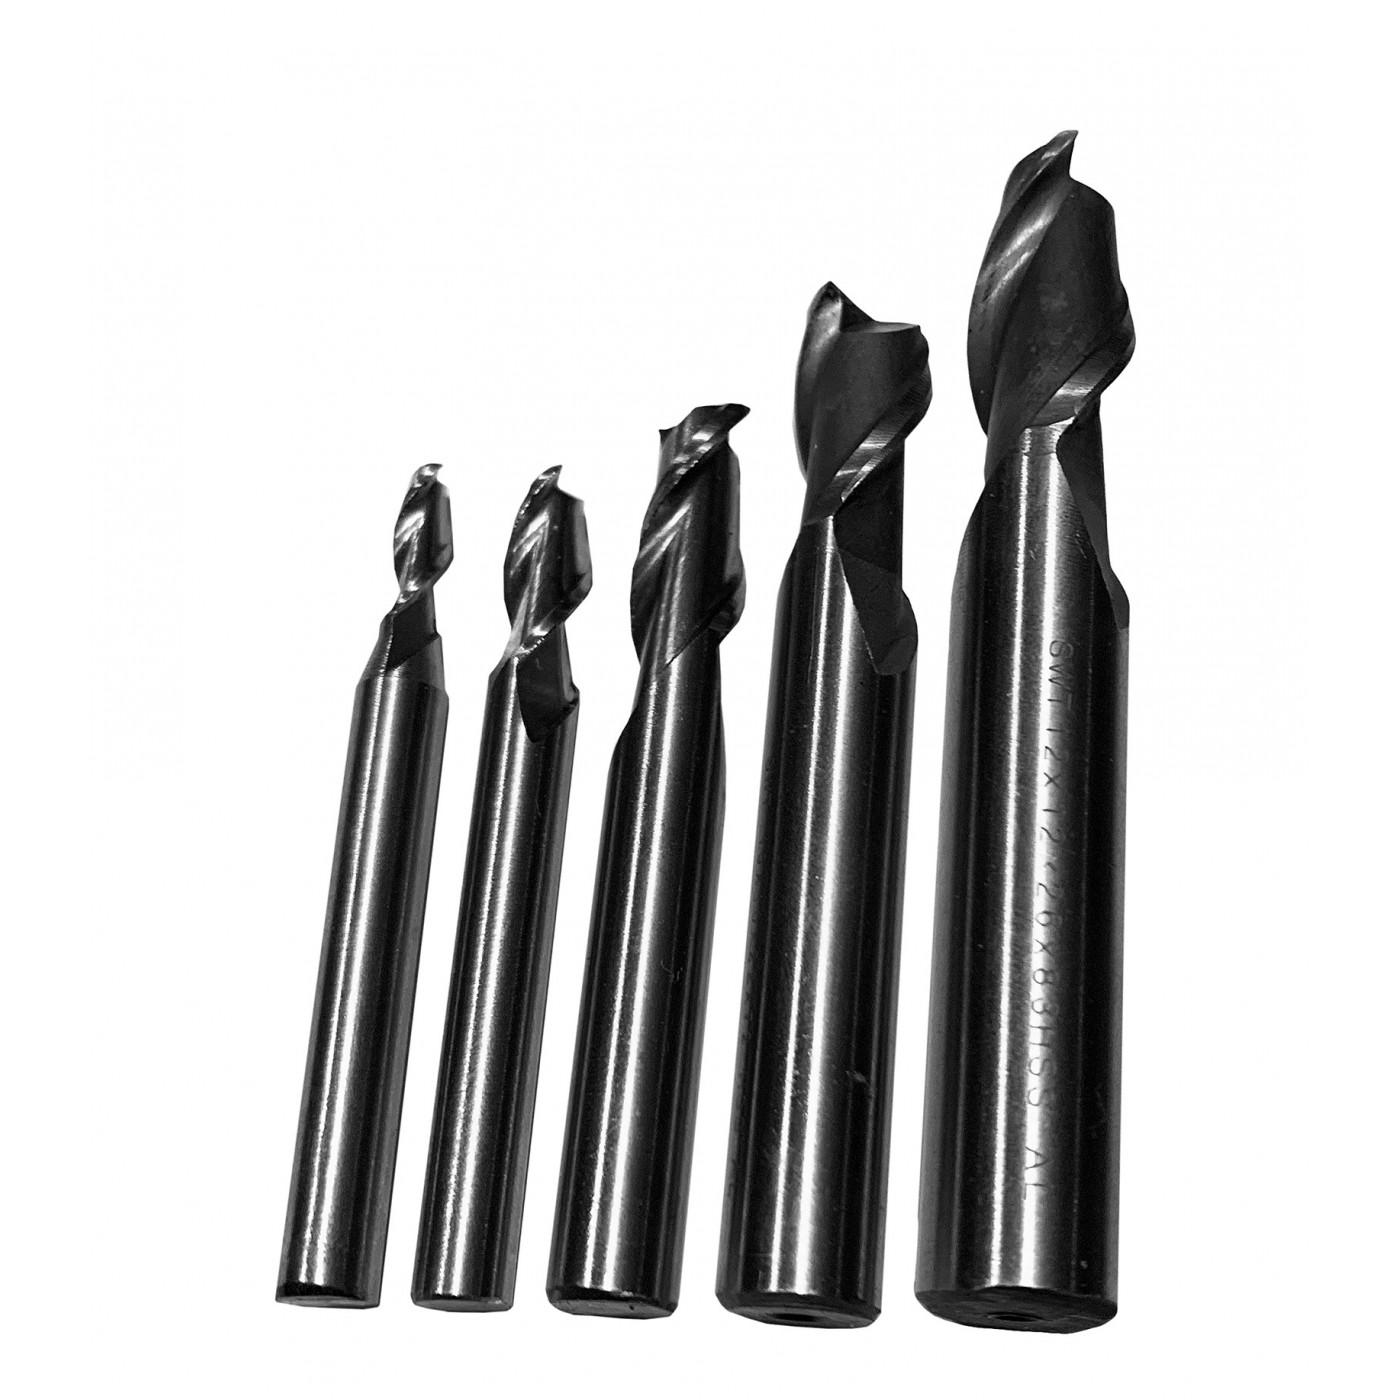 Set HSS milling cutters, 2 flutes (5 pcs)